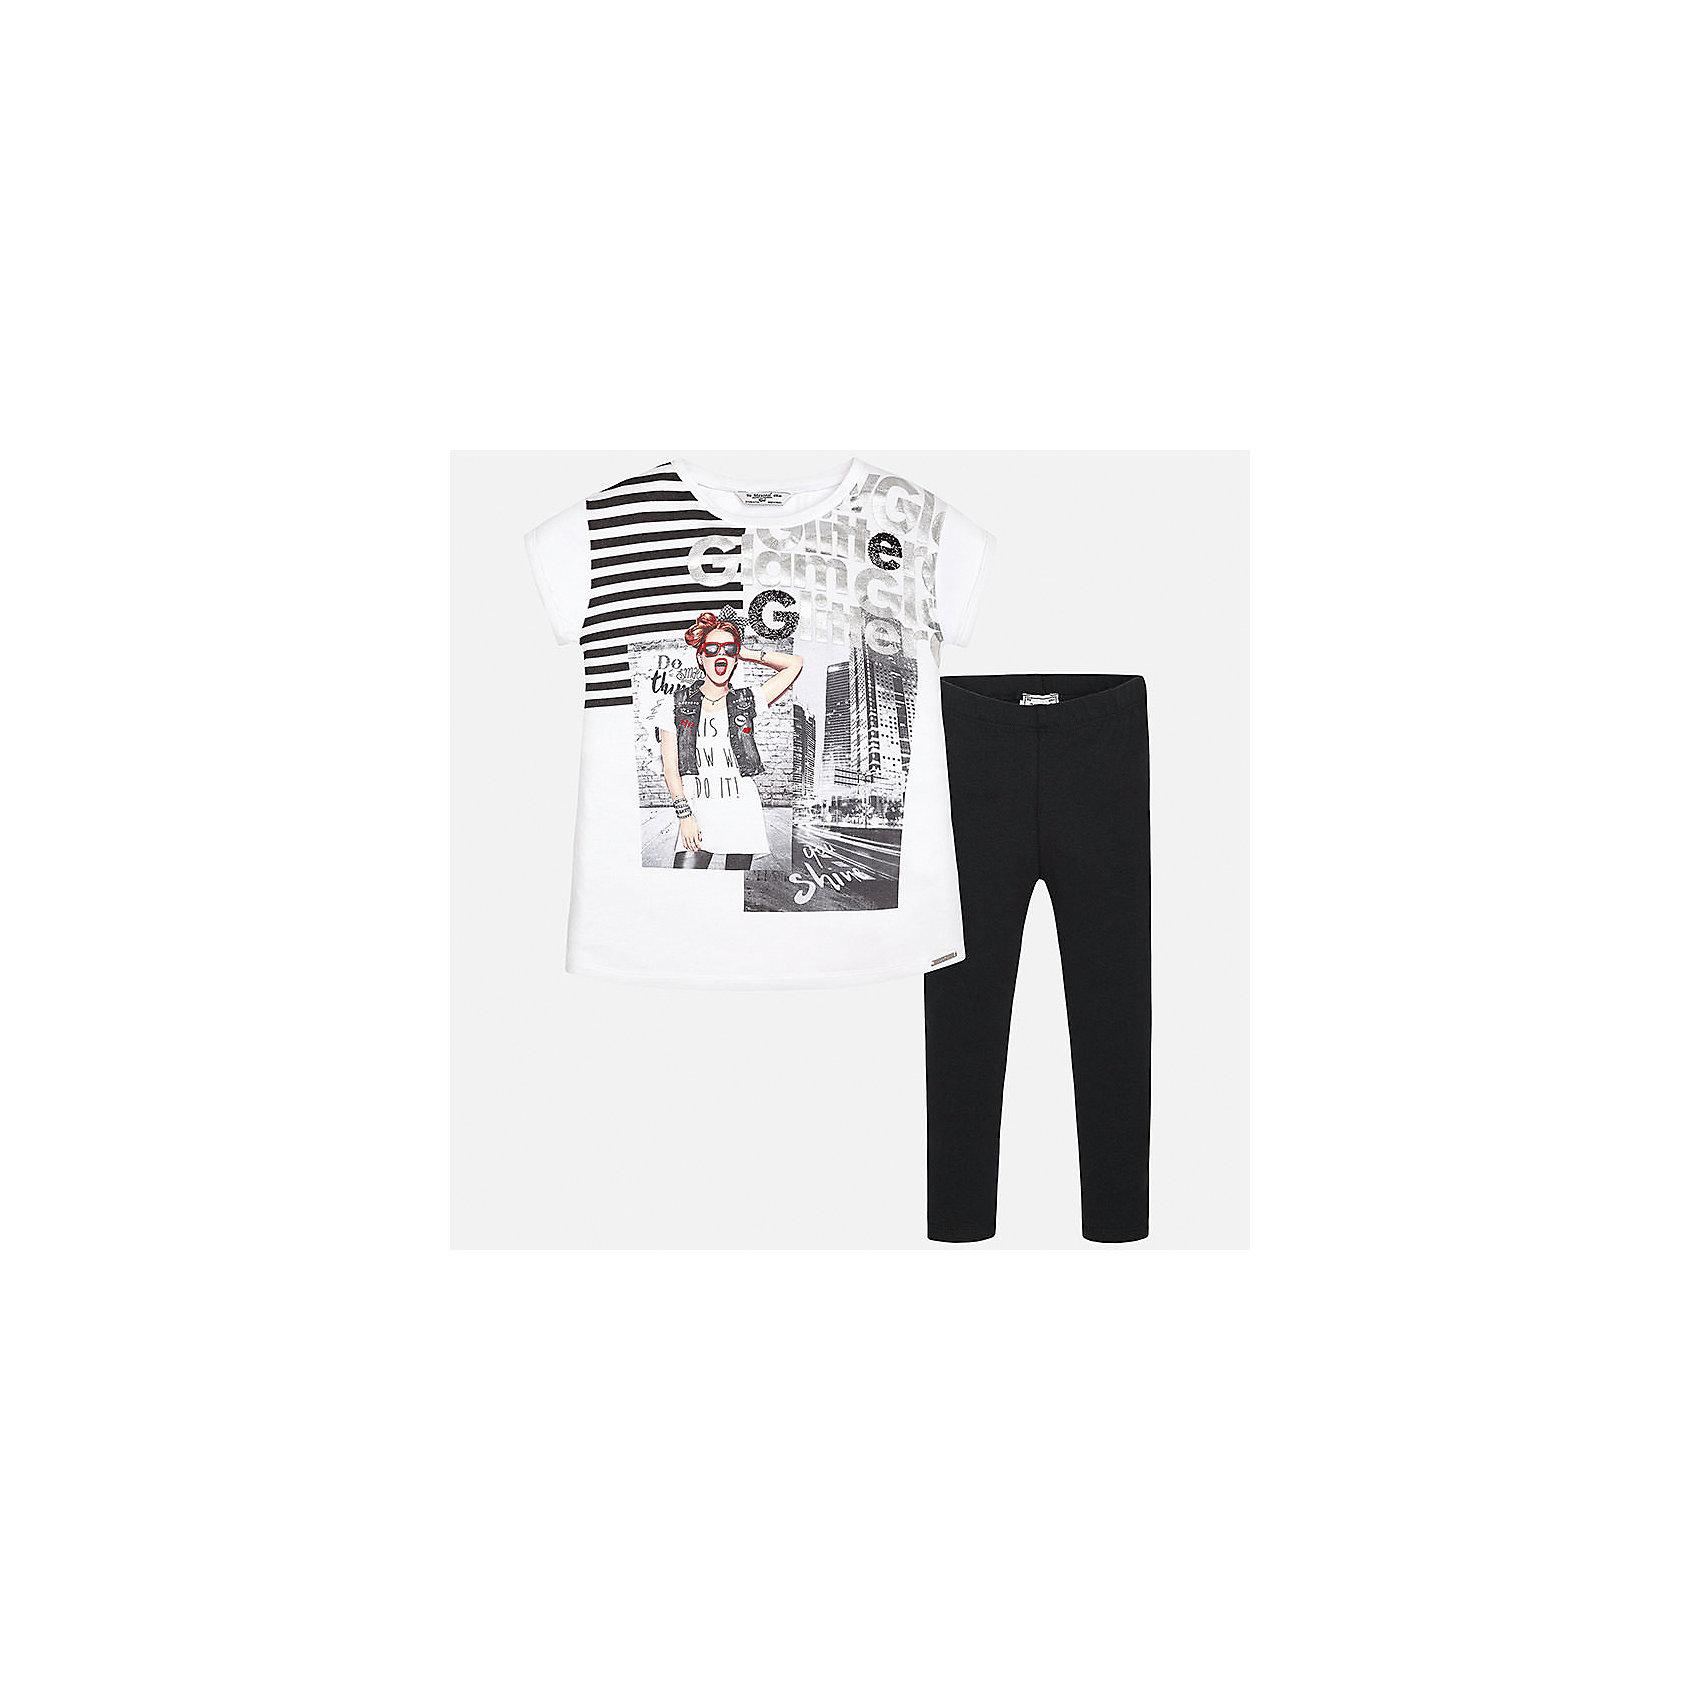 Комплект: футболка с длинным рукавом и леггинсы для девочки MayoralКомплекты<br>Характеристики товара:<br><br>• цвет: белый принт/черный<br>• состав: 100% вискоза<br>• комплектация: футболка, леггинсы<br>• футболка декорирована принтом <br>• леггинсы однотонные<br>• пояс на резинке<br>• страна бренда: Испания<br><br>Красивый качественный комплект для девочки поможет разнообразить гардероб ребенка и удобно одеться в теплую погоду. Он отлично сочетается с другими предметами. Универсальный цвет позволяет подобрать к вещам верхнюю одежду практически любой расцветки. Интересная отделка модели делает её нарядной и оригинальной. <br><br>Одежда, обувь и аксессуары от испанского бренда Mayoral полюбились детям и взрослым по всему миру. Модели этой марки - стильные и удобные. Для их производства используются только безопасные, качественные материалы и фурнитура. Порадуйте ребенка модными и красивыми вещами от Mayoral! <br><br>Комплект для девочки от испанского бренда Mayoral (Майорал) можно купить в нашем интернет-магазине.<br><br>Ширина мм: 123<br>Глубина мм: 10<br>Высота мм: 149<br>Вес г: 209<br>Цвет: черный<br>Возраст от месяцев: 168<br>Возраст до месяцев: 180<br>Пол: Женский<br>Возраст: Детский<br>Размер: 170,128/134,140,152,158,164<br>SKU: 5300914